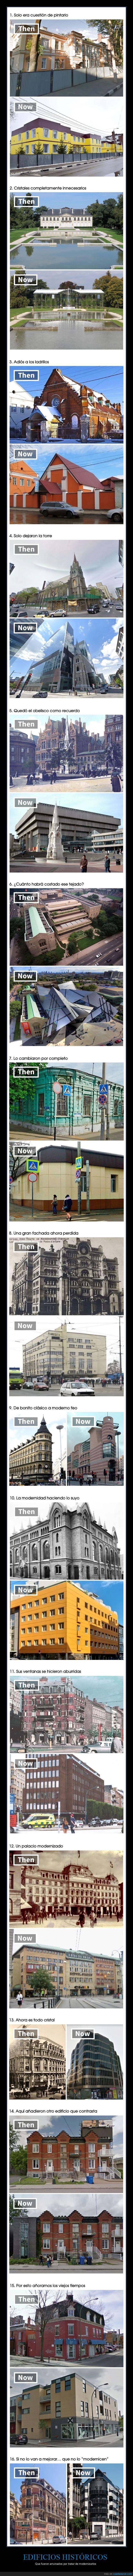 antes,después,edificios,históricos,modernizar